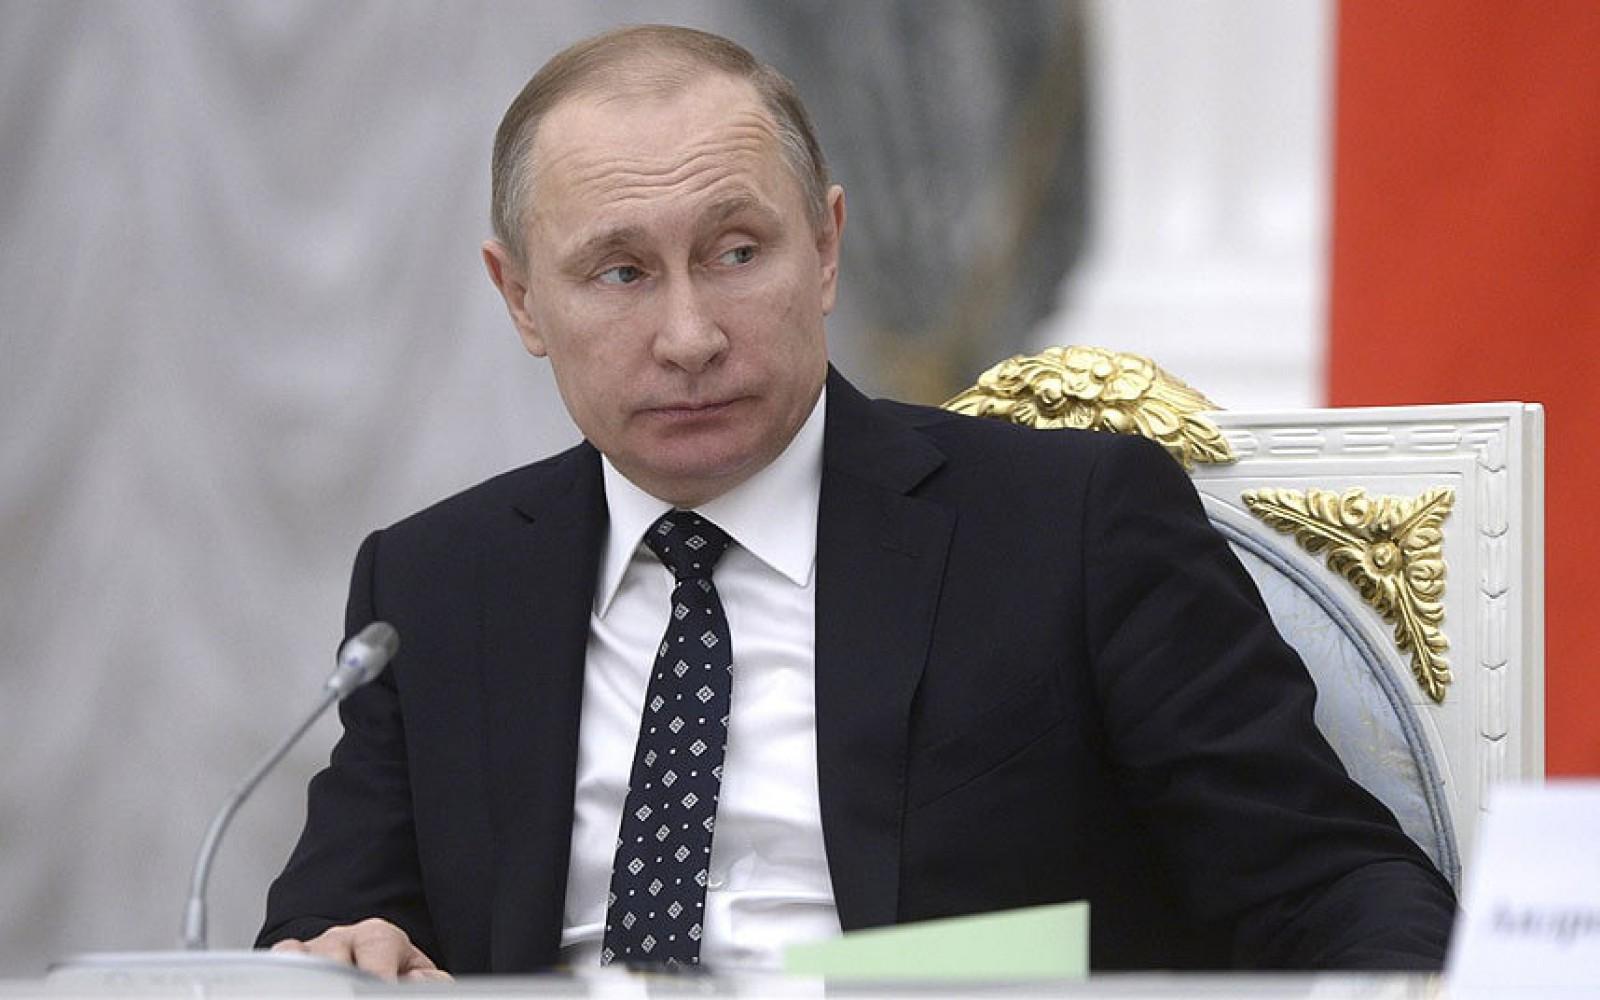 """Putin a comentat înlăturarea Rusiei de la Jocurile Olimpice de iarnă: """"Suntem vinovați într-o oarecare măsură, pentru că am dat motiv pentru acest fapt"""""""